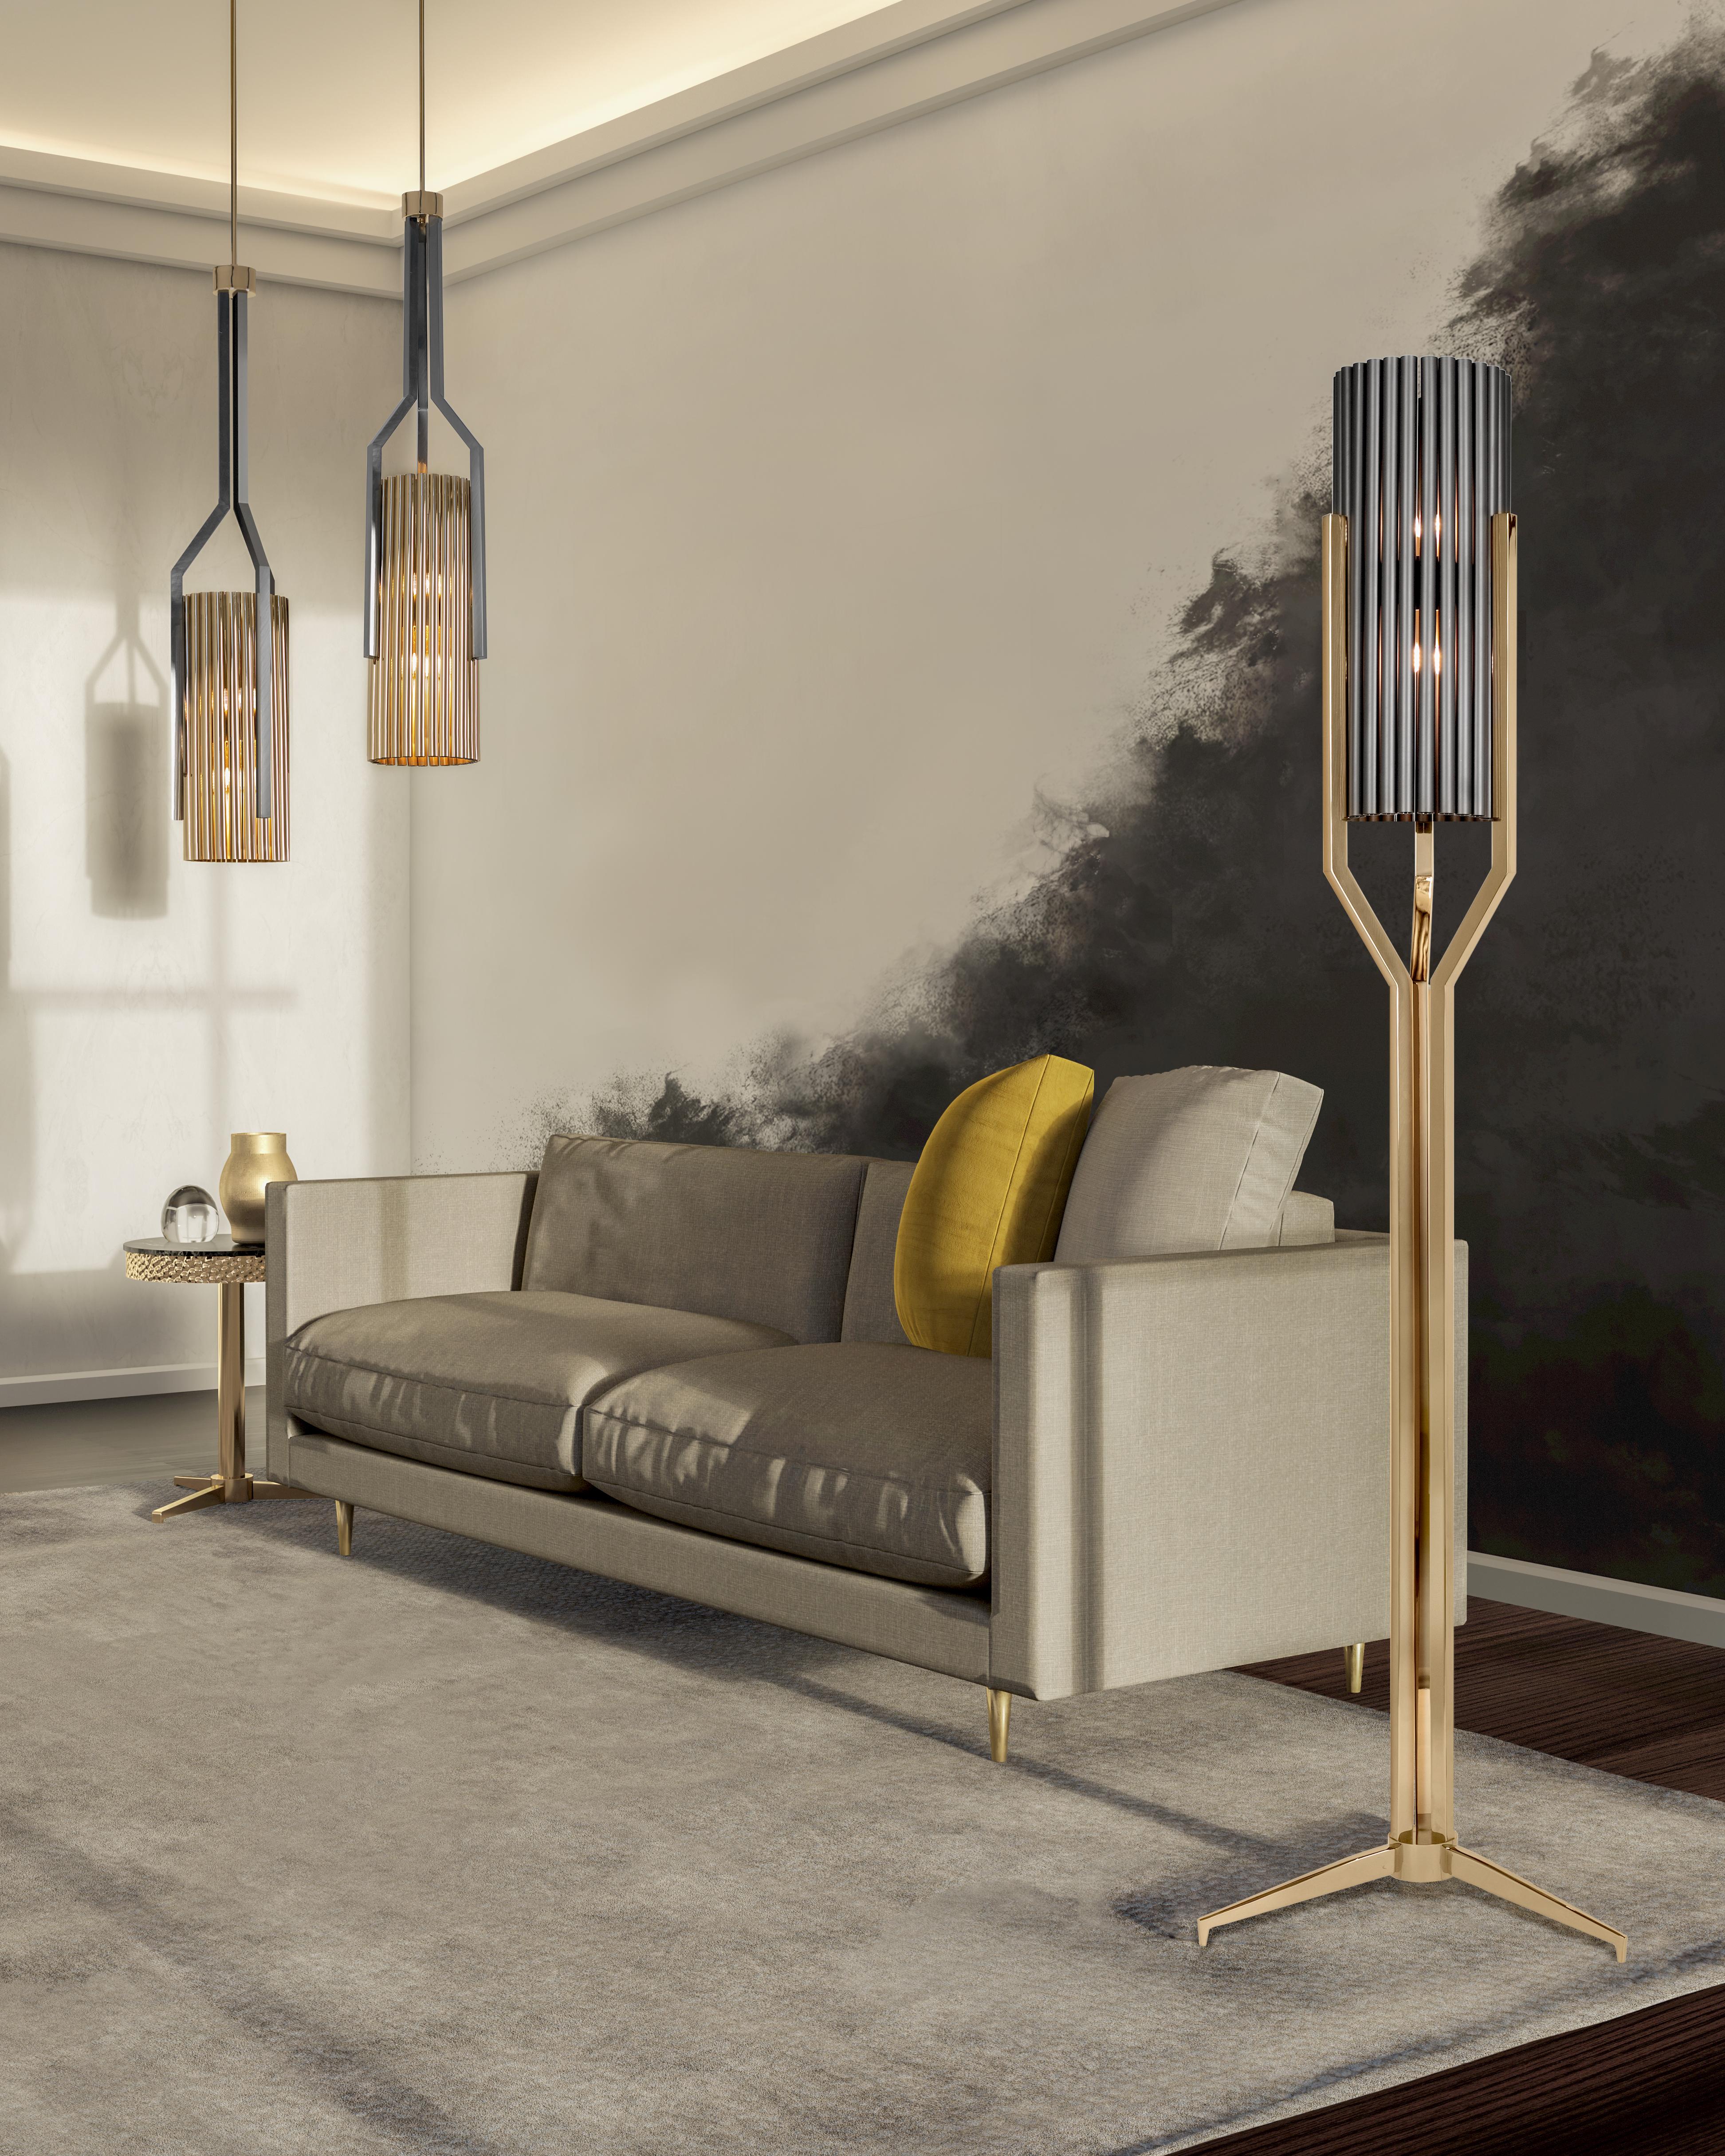 Juliettes Interiors luxury elegant coontemporary living room interior